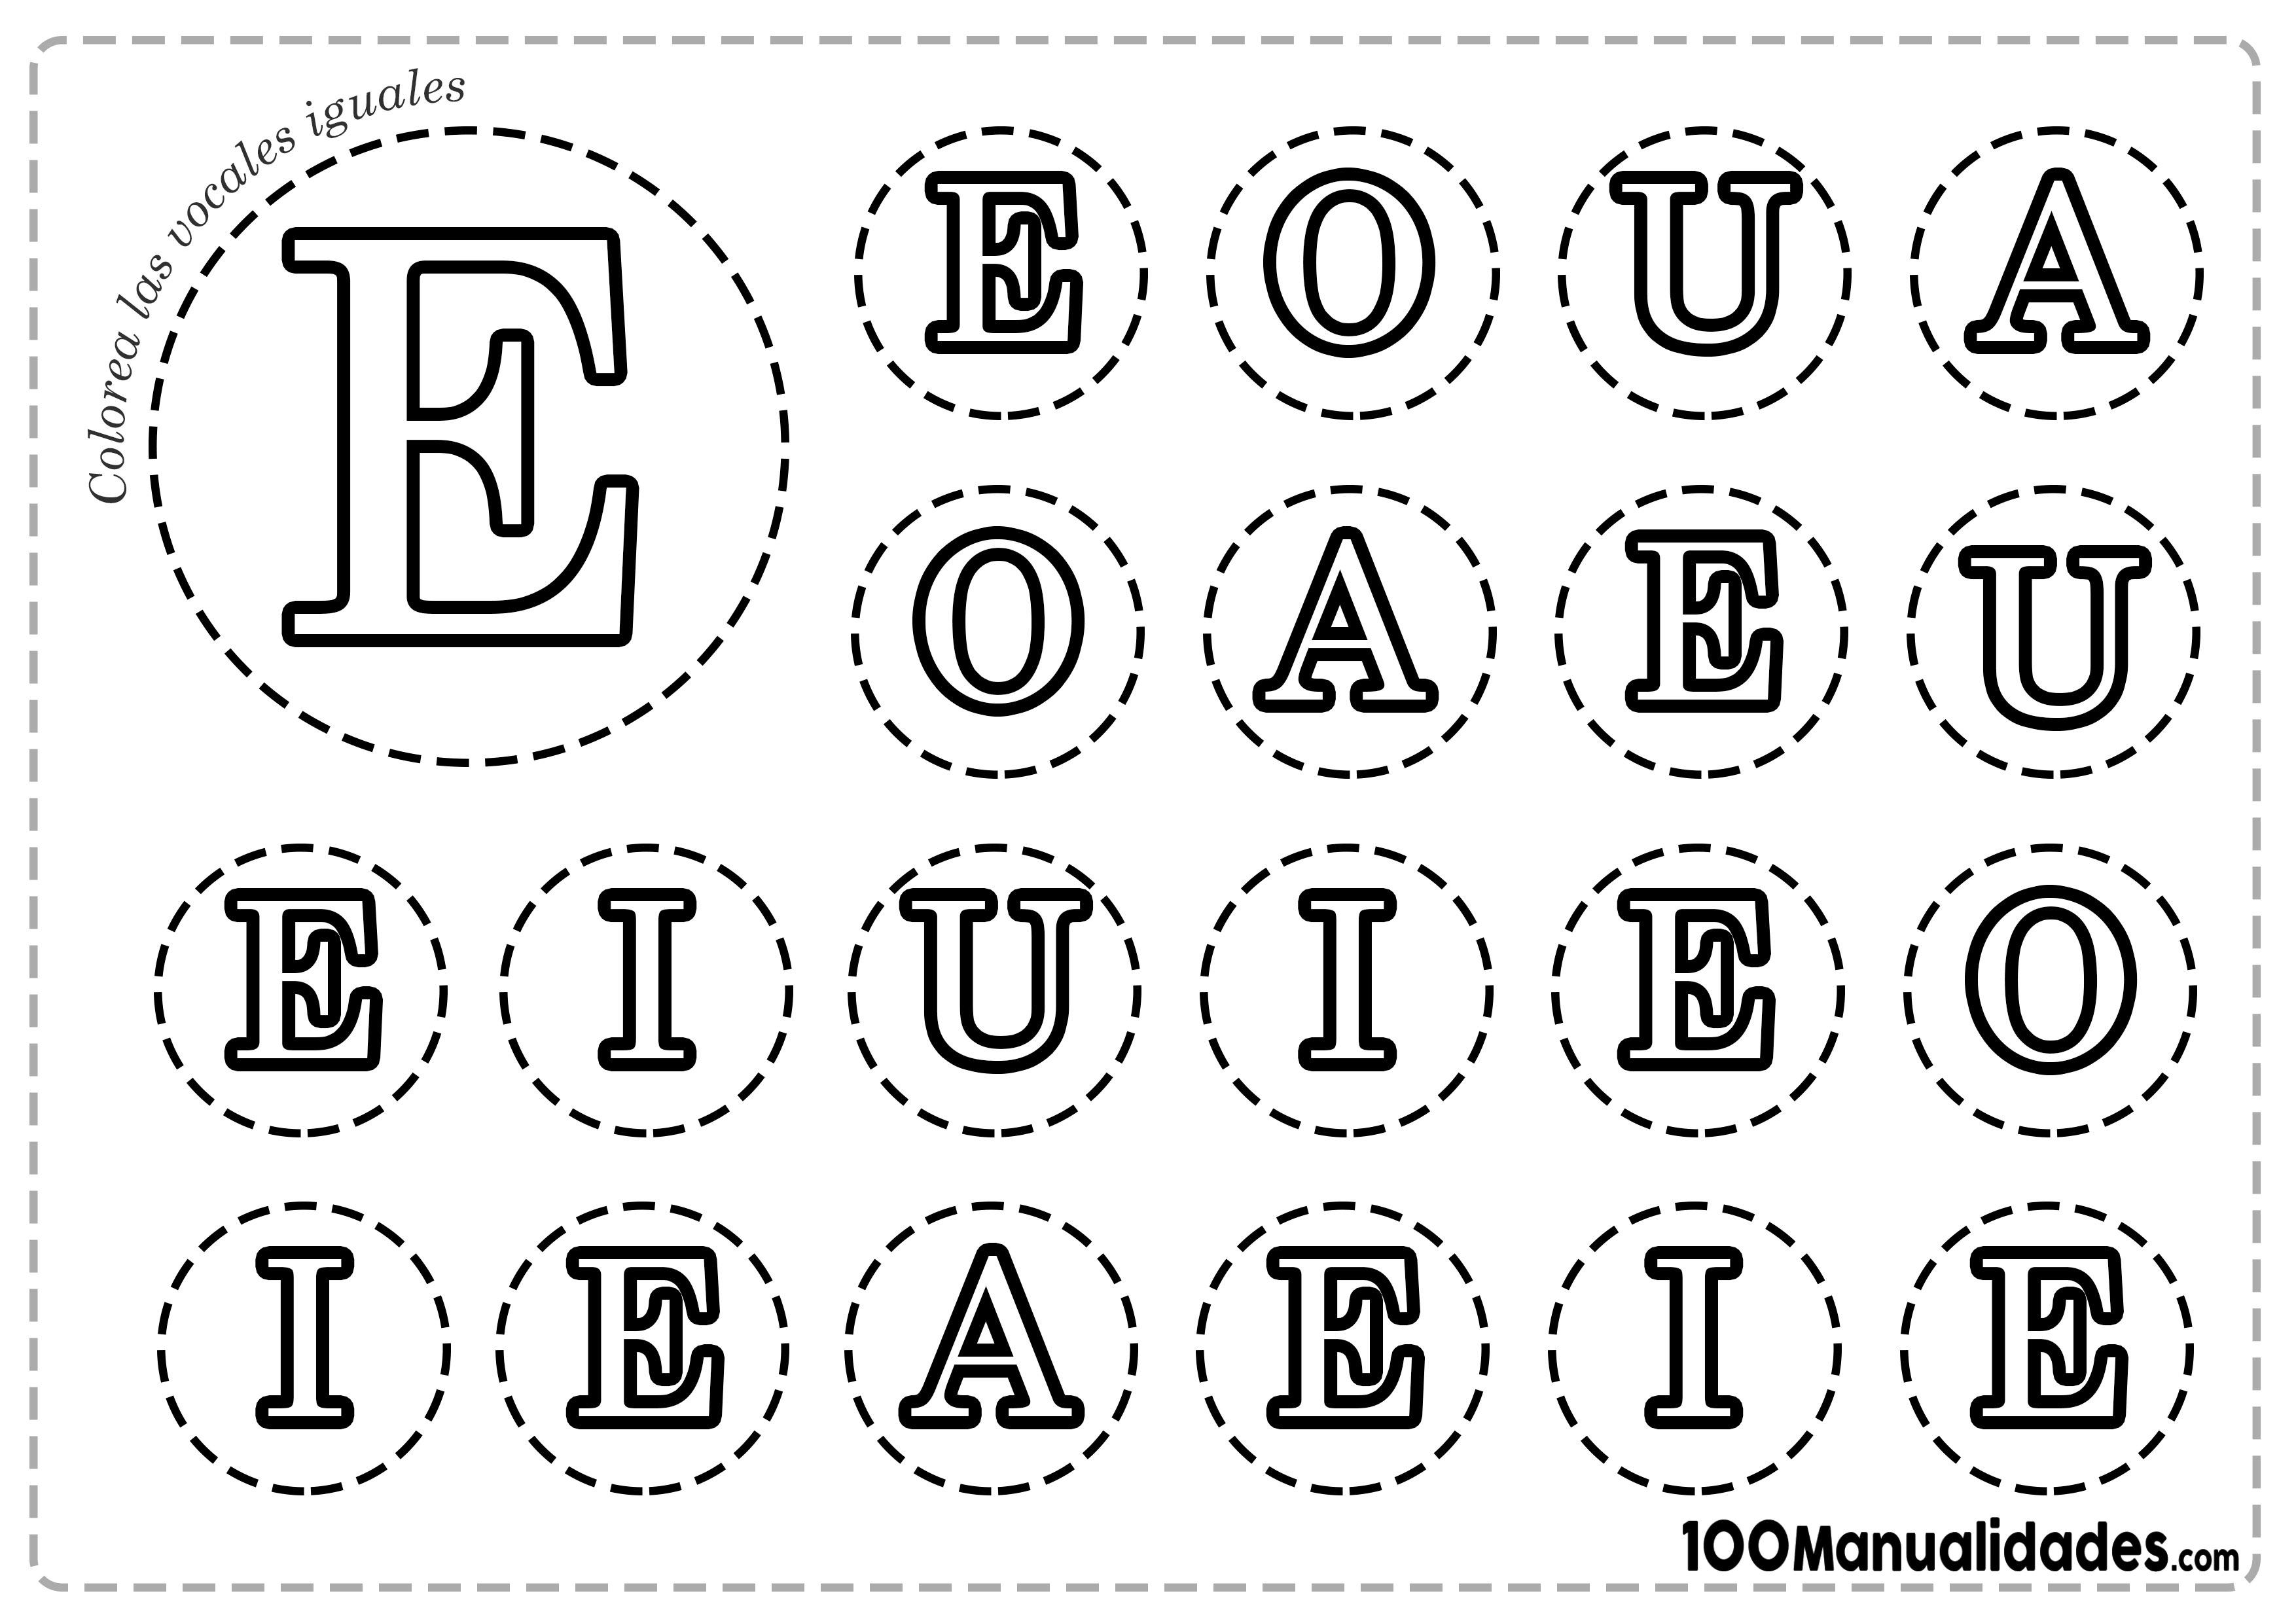 Letra E Mayúscula para colorear - Letras para Imprimir